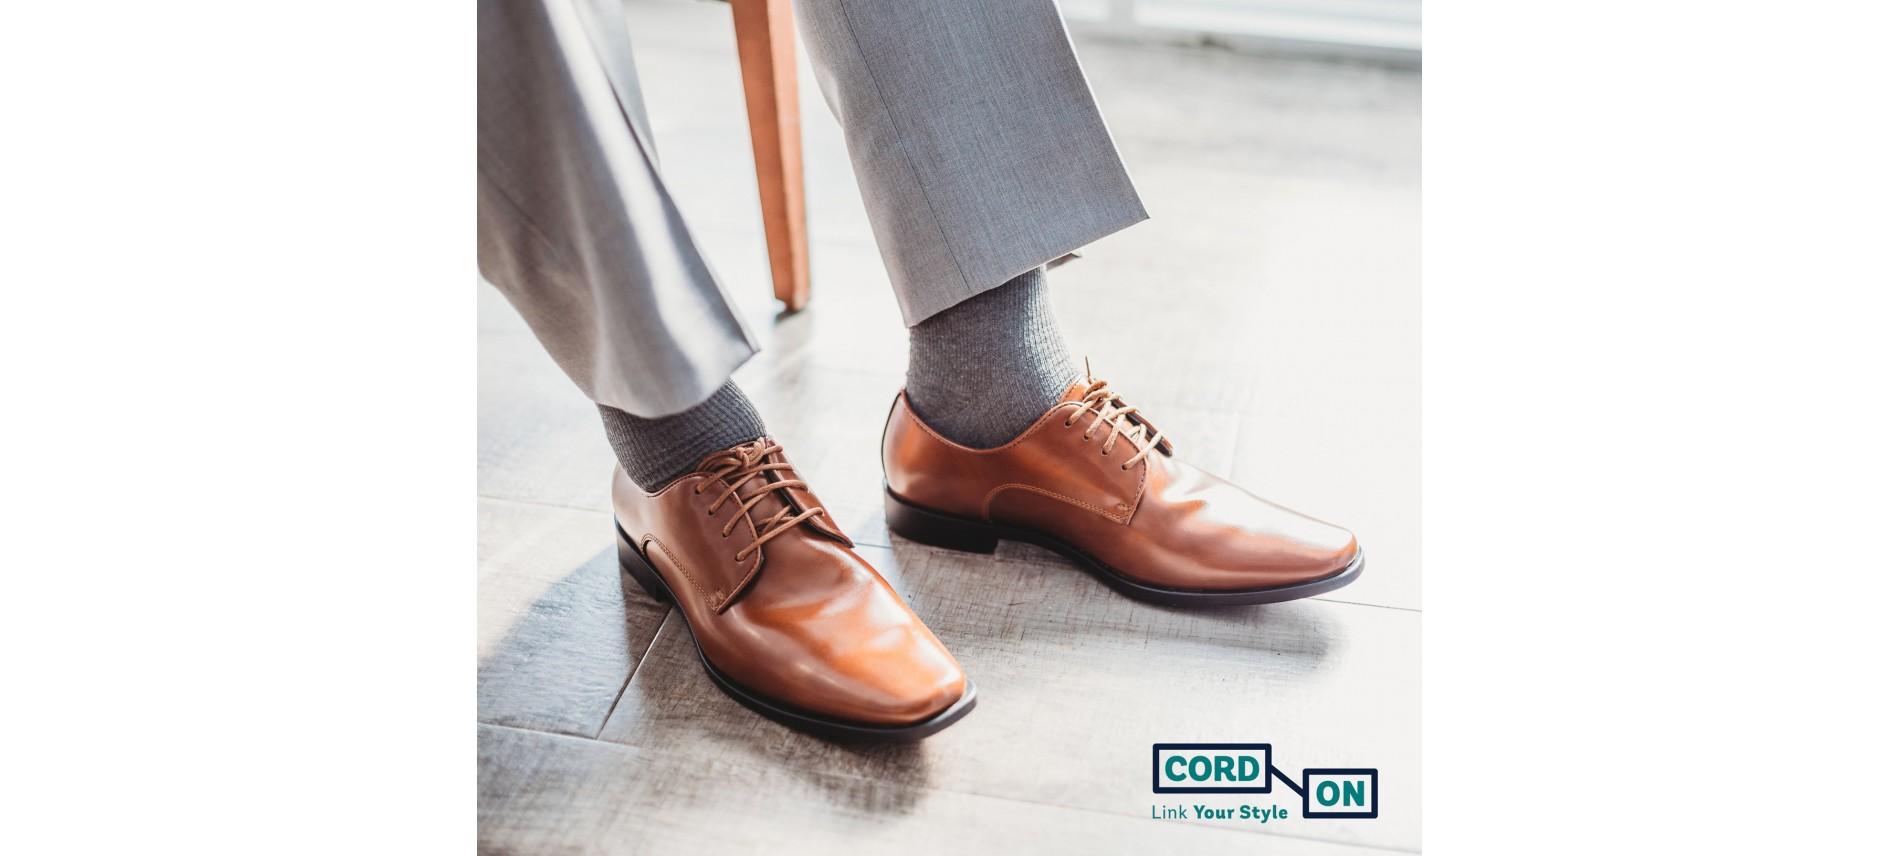 Cordones para calzado de vestir